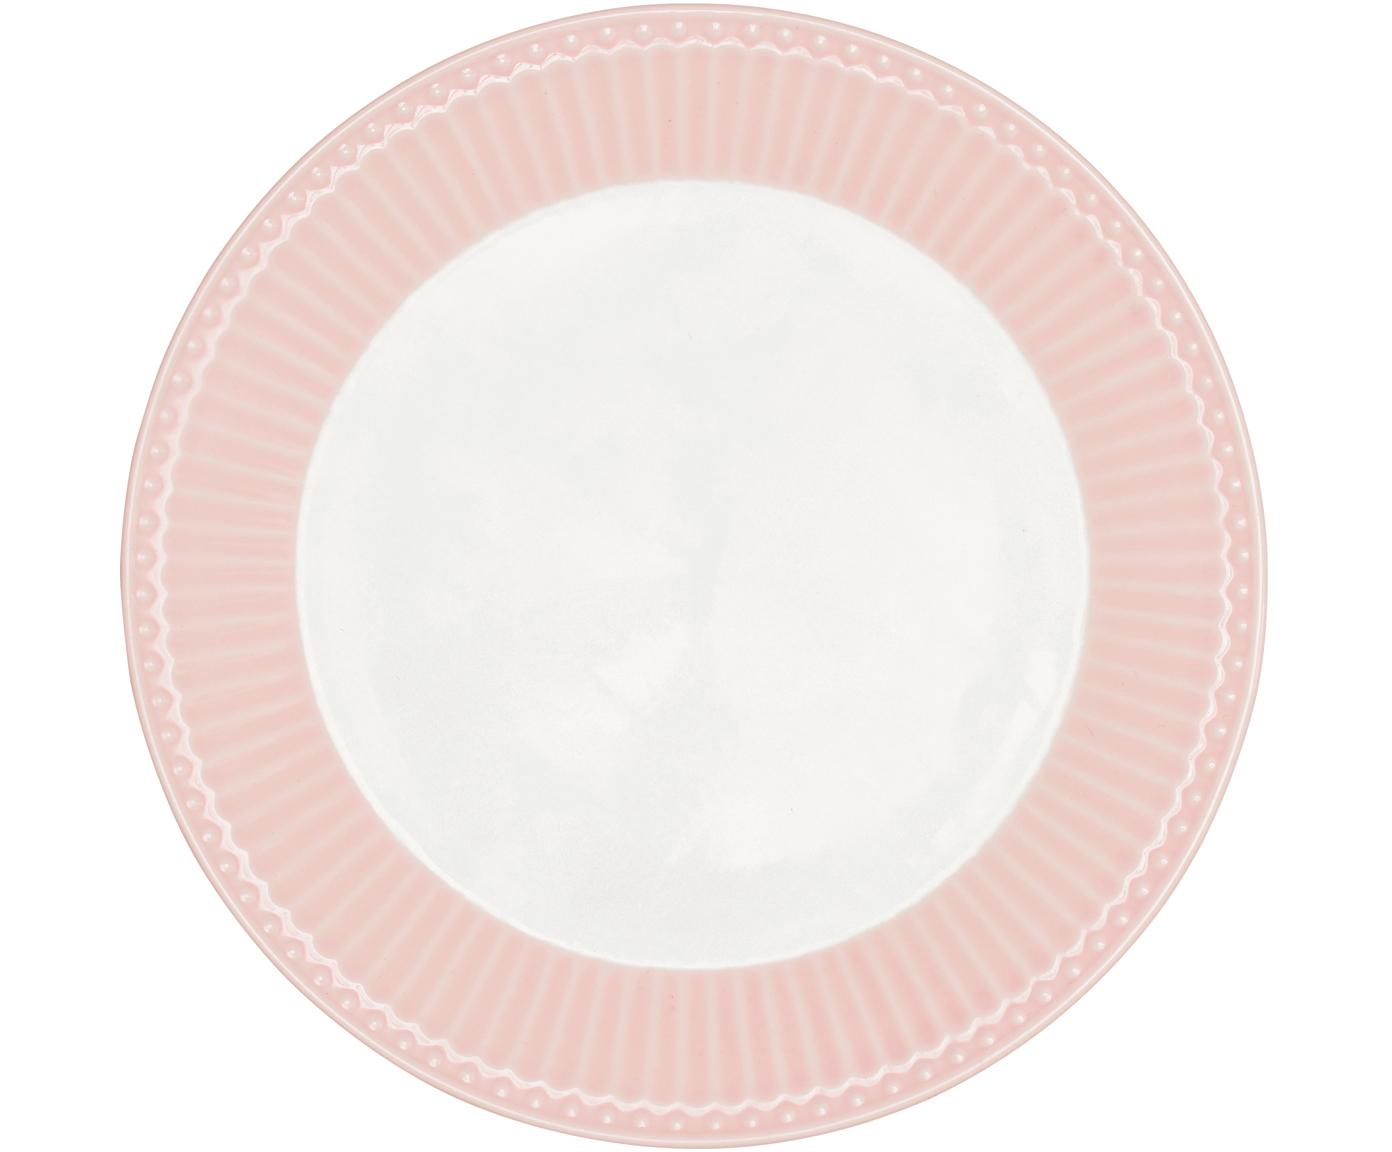 Piatto piano Alice 2 pz, Porcellana, Rosa, bianco, Ø 23 cm